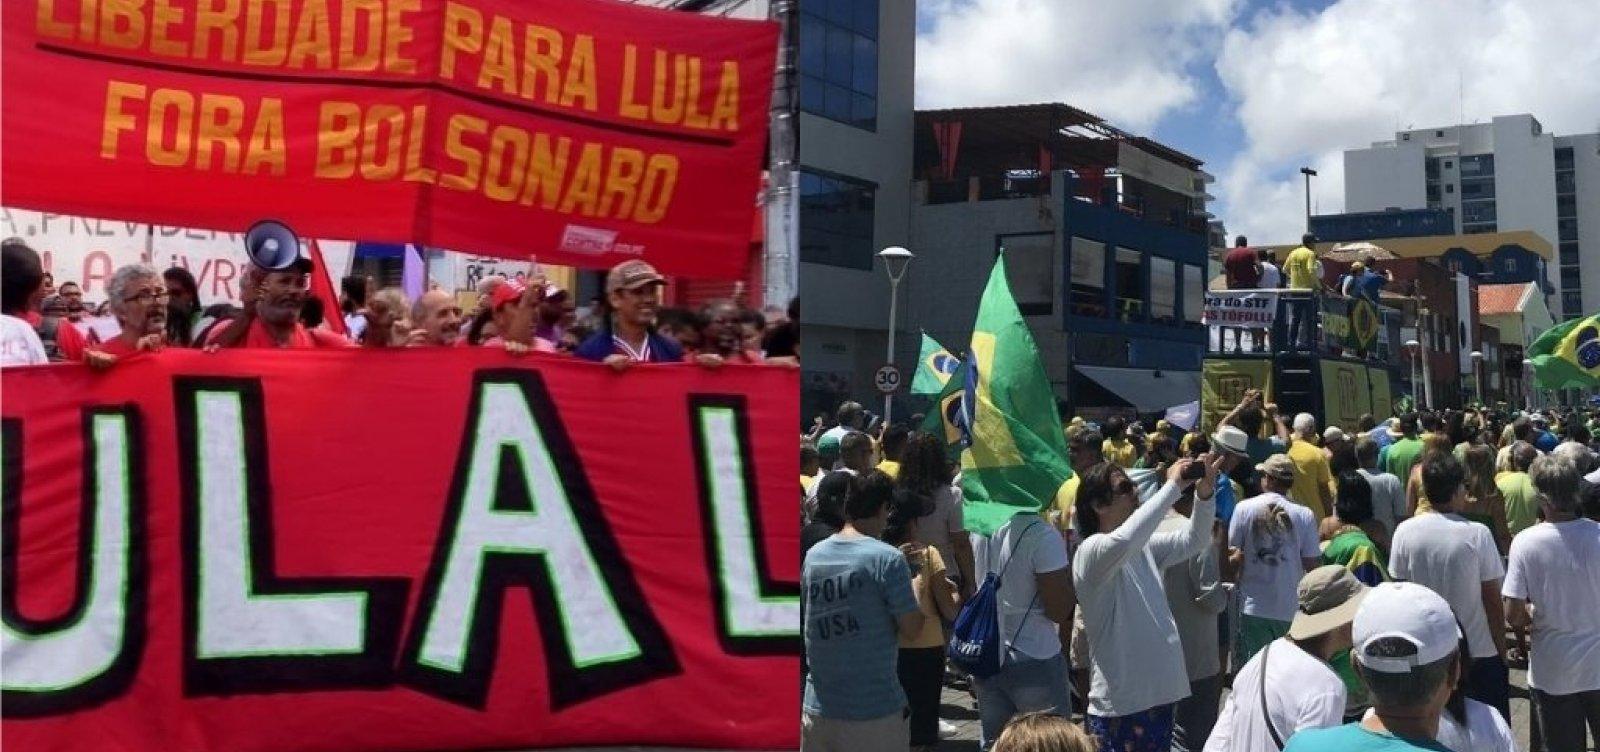 [Radicalismo político no Brasil supera média global, aponta estudo]